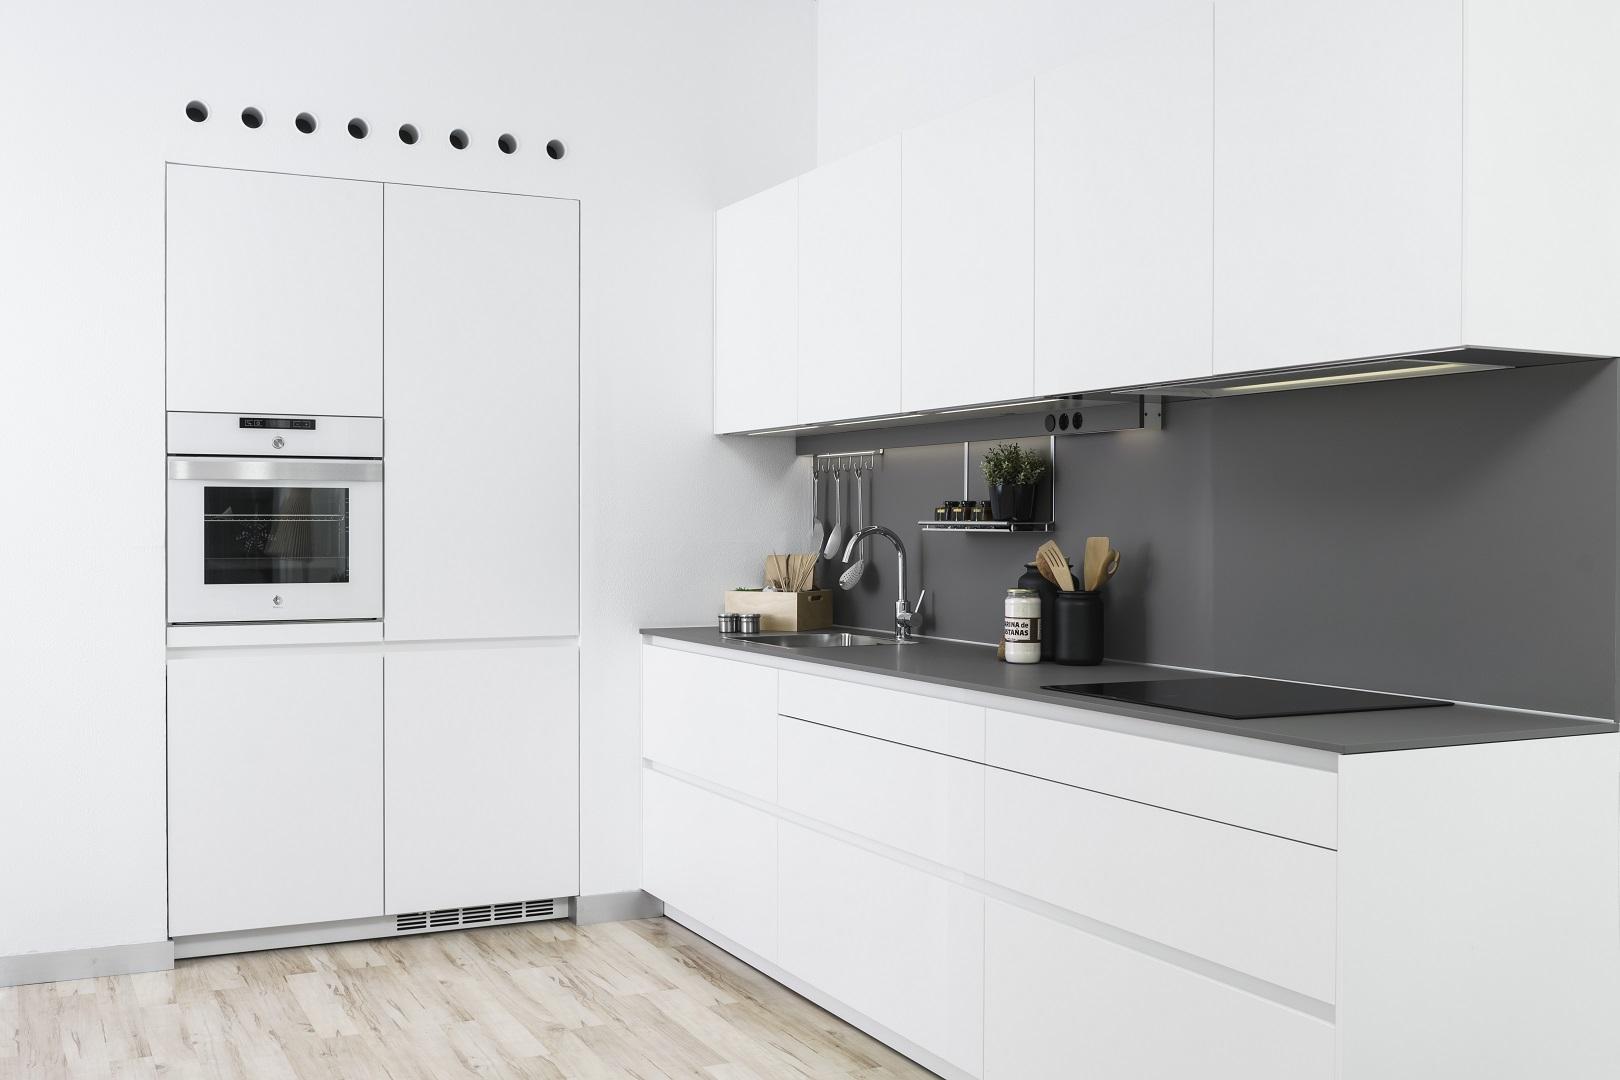 Cocina blanca con encimera y salpicadero gris